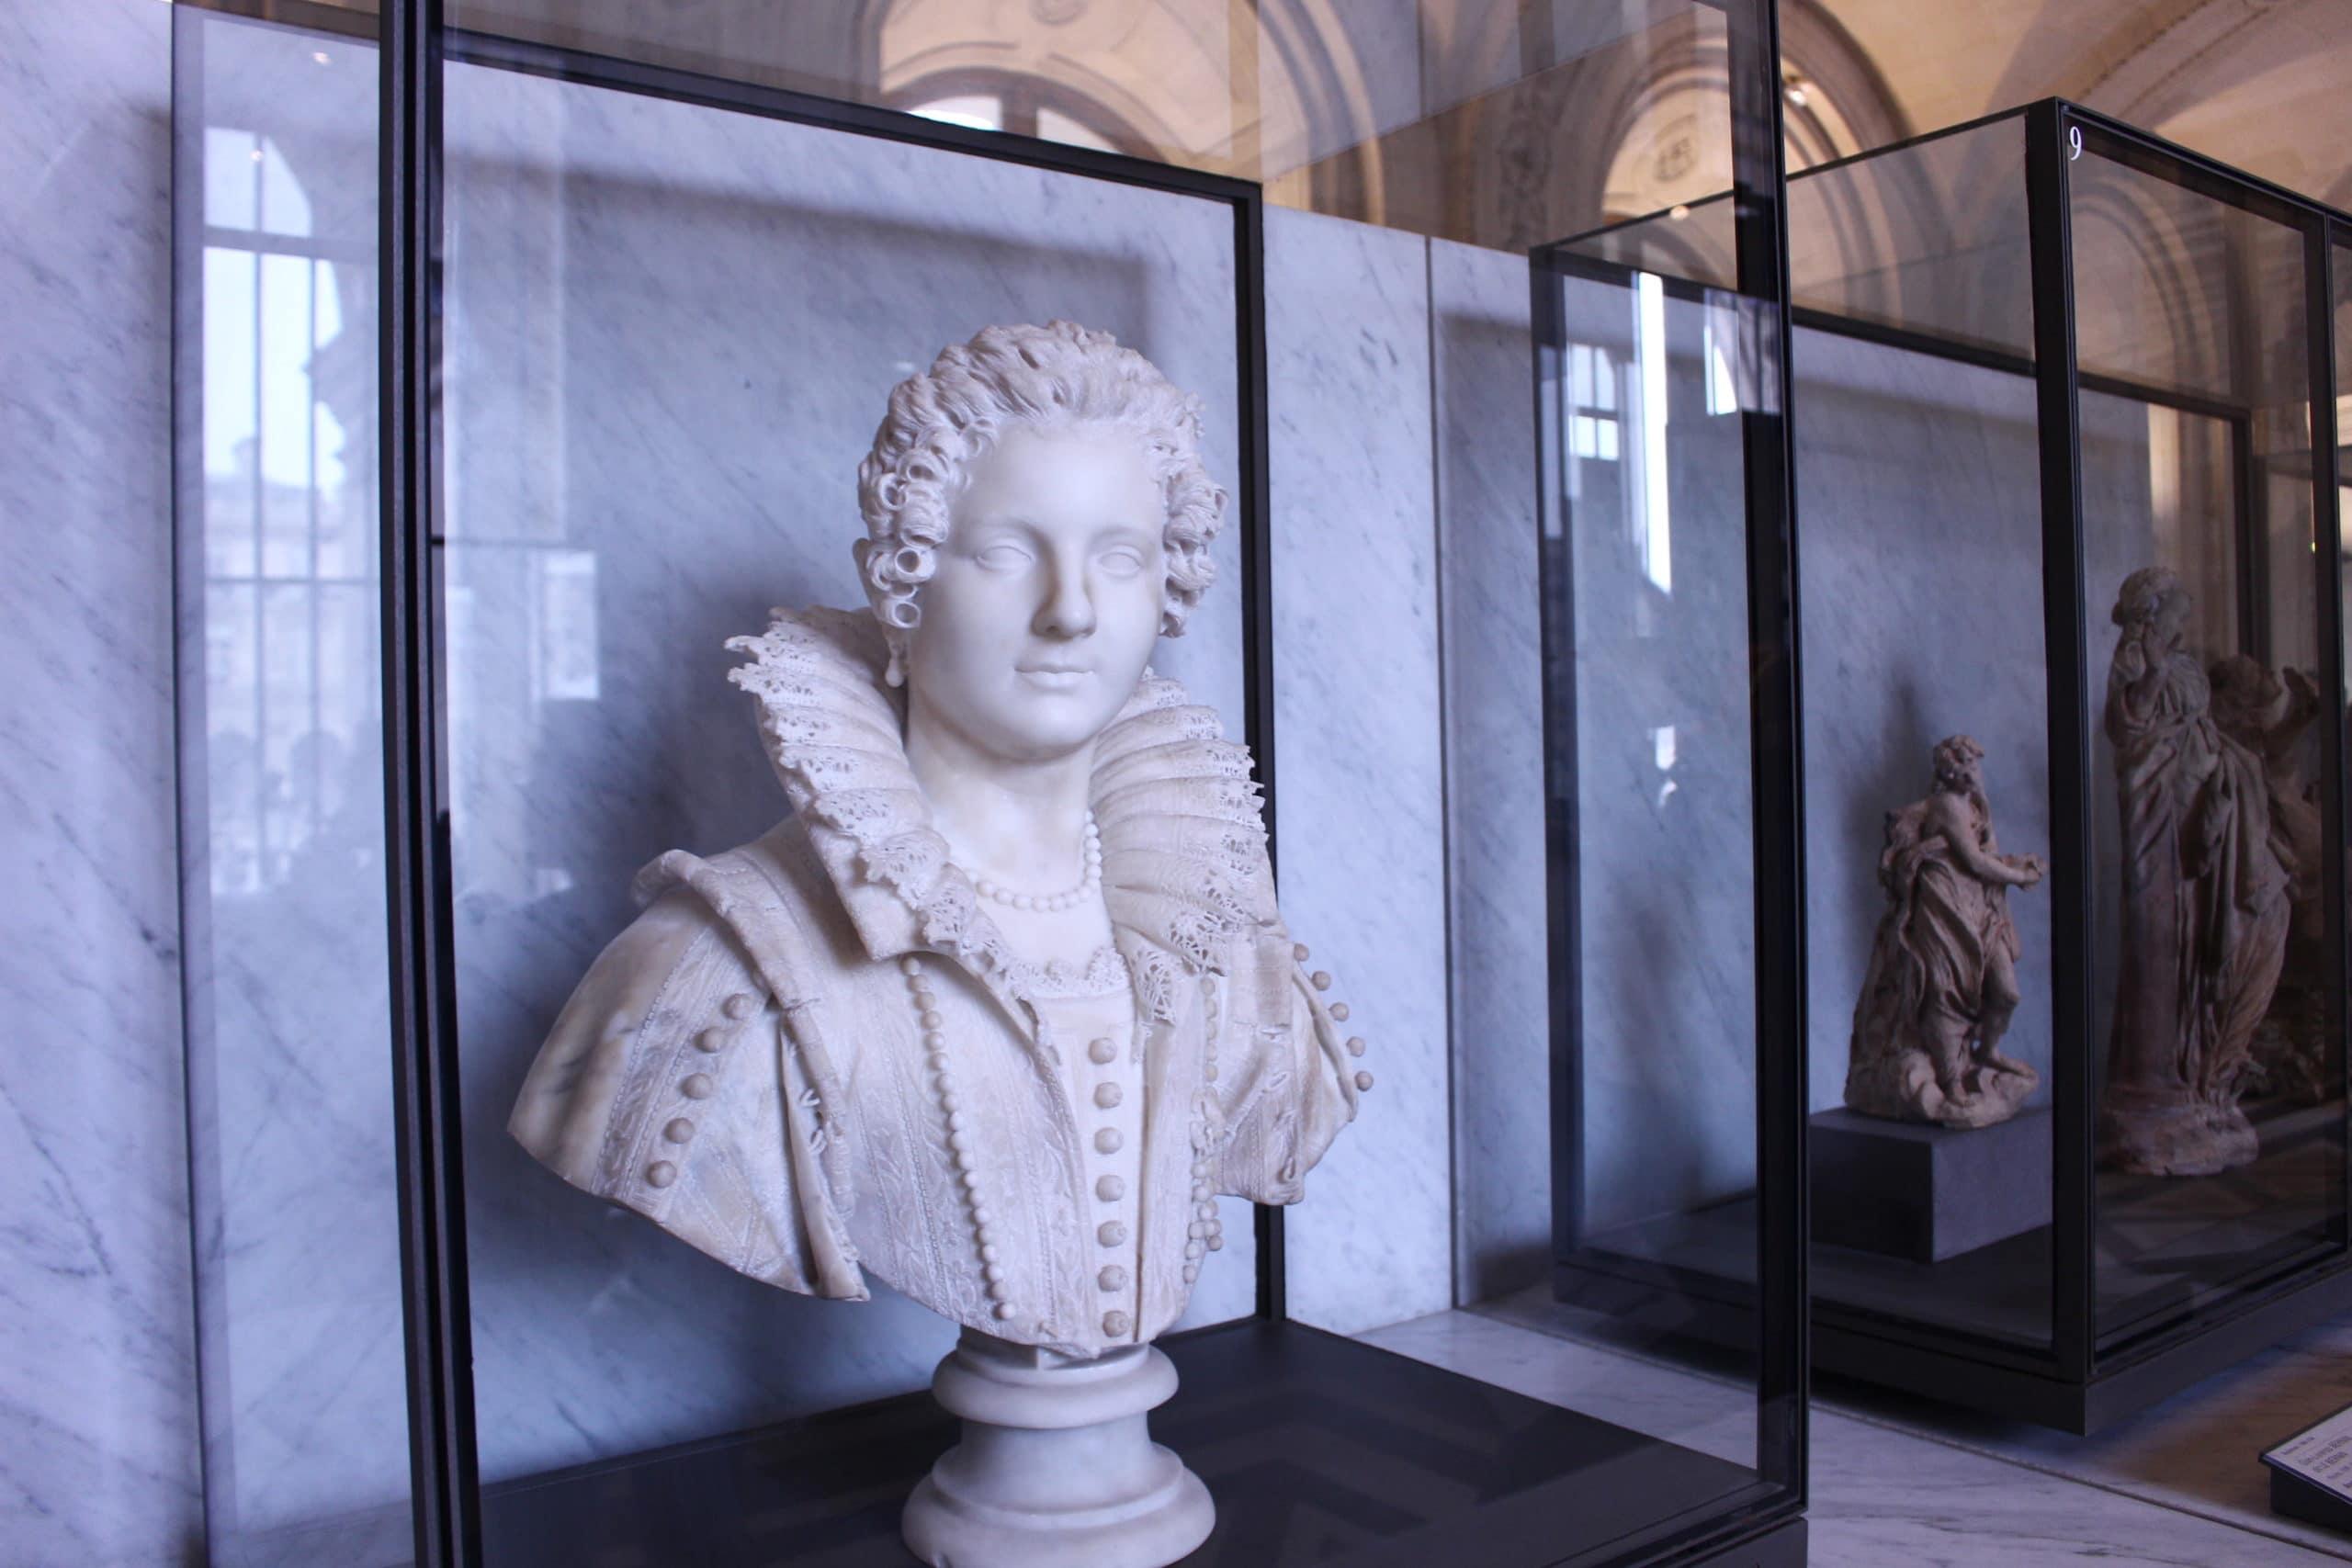 Sculpture dentelle - Louvre